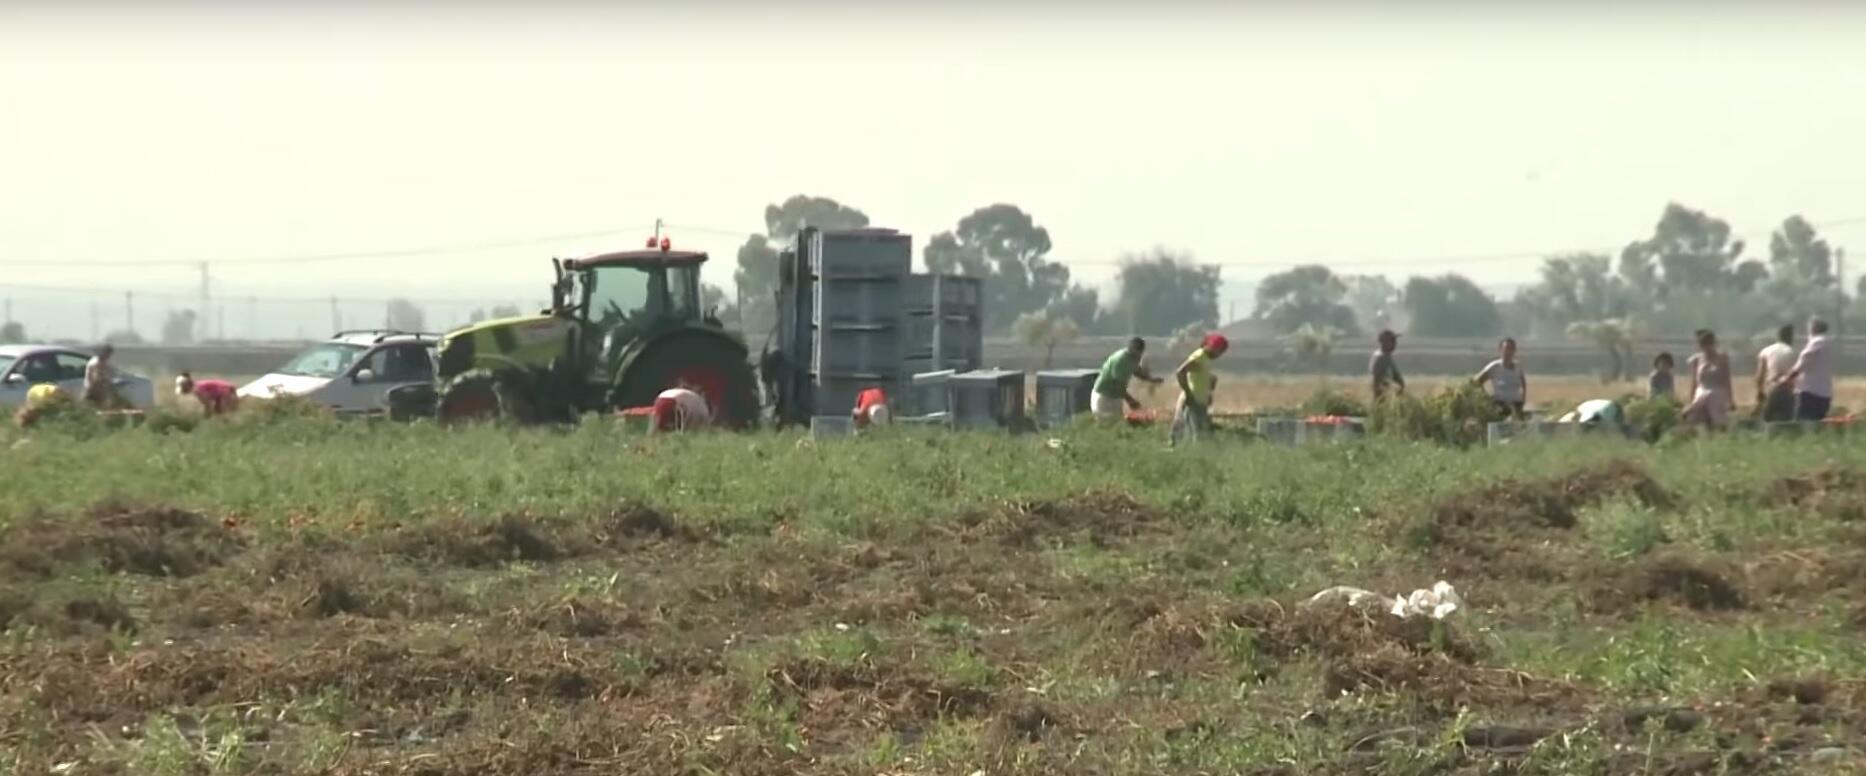 Des milliers de migrants d'Afrique subsaharienne travaillent chaque été dans les champs de tomates au sud de l'Italie.